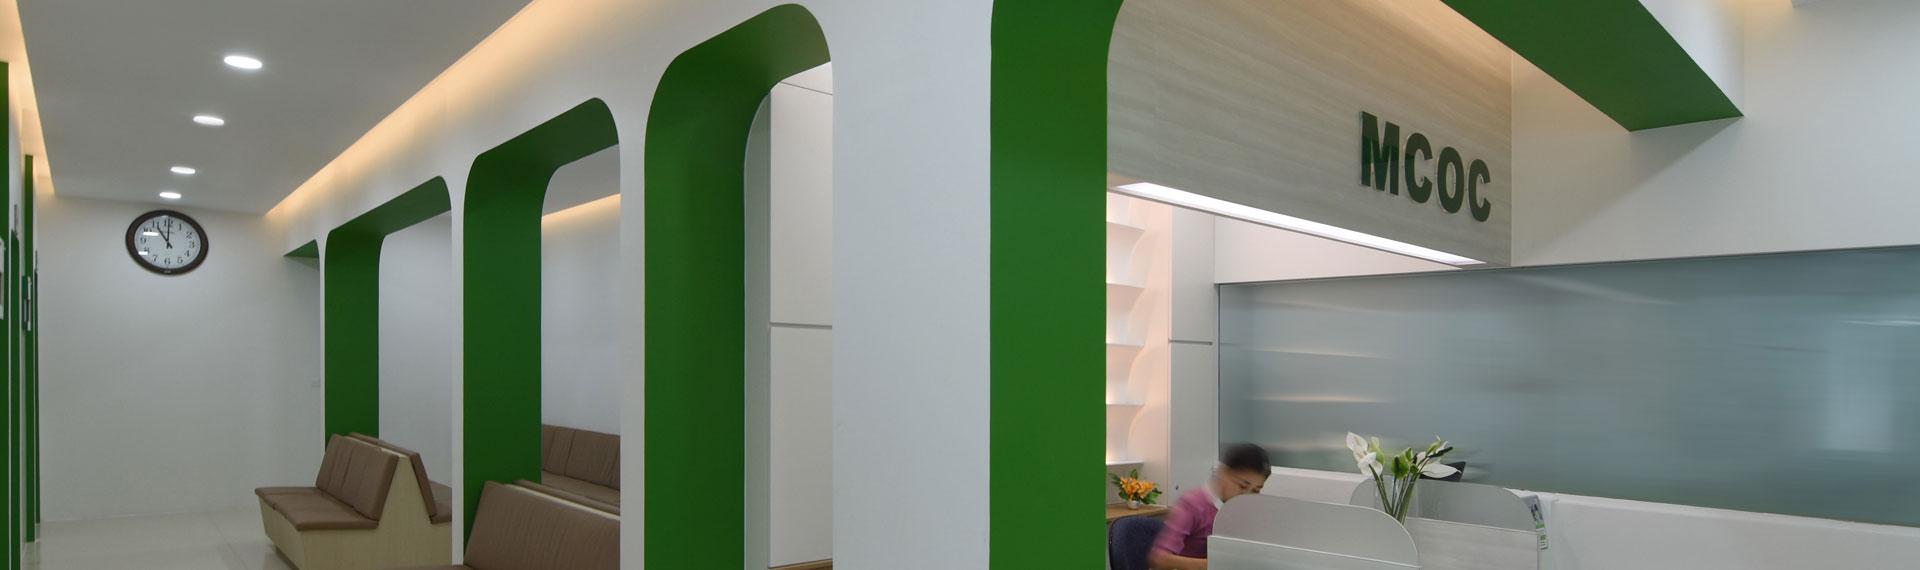 Nina Design Build Architecture Interior Design Myanmar